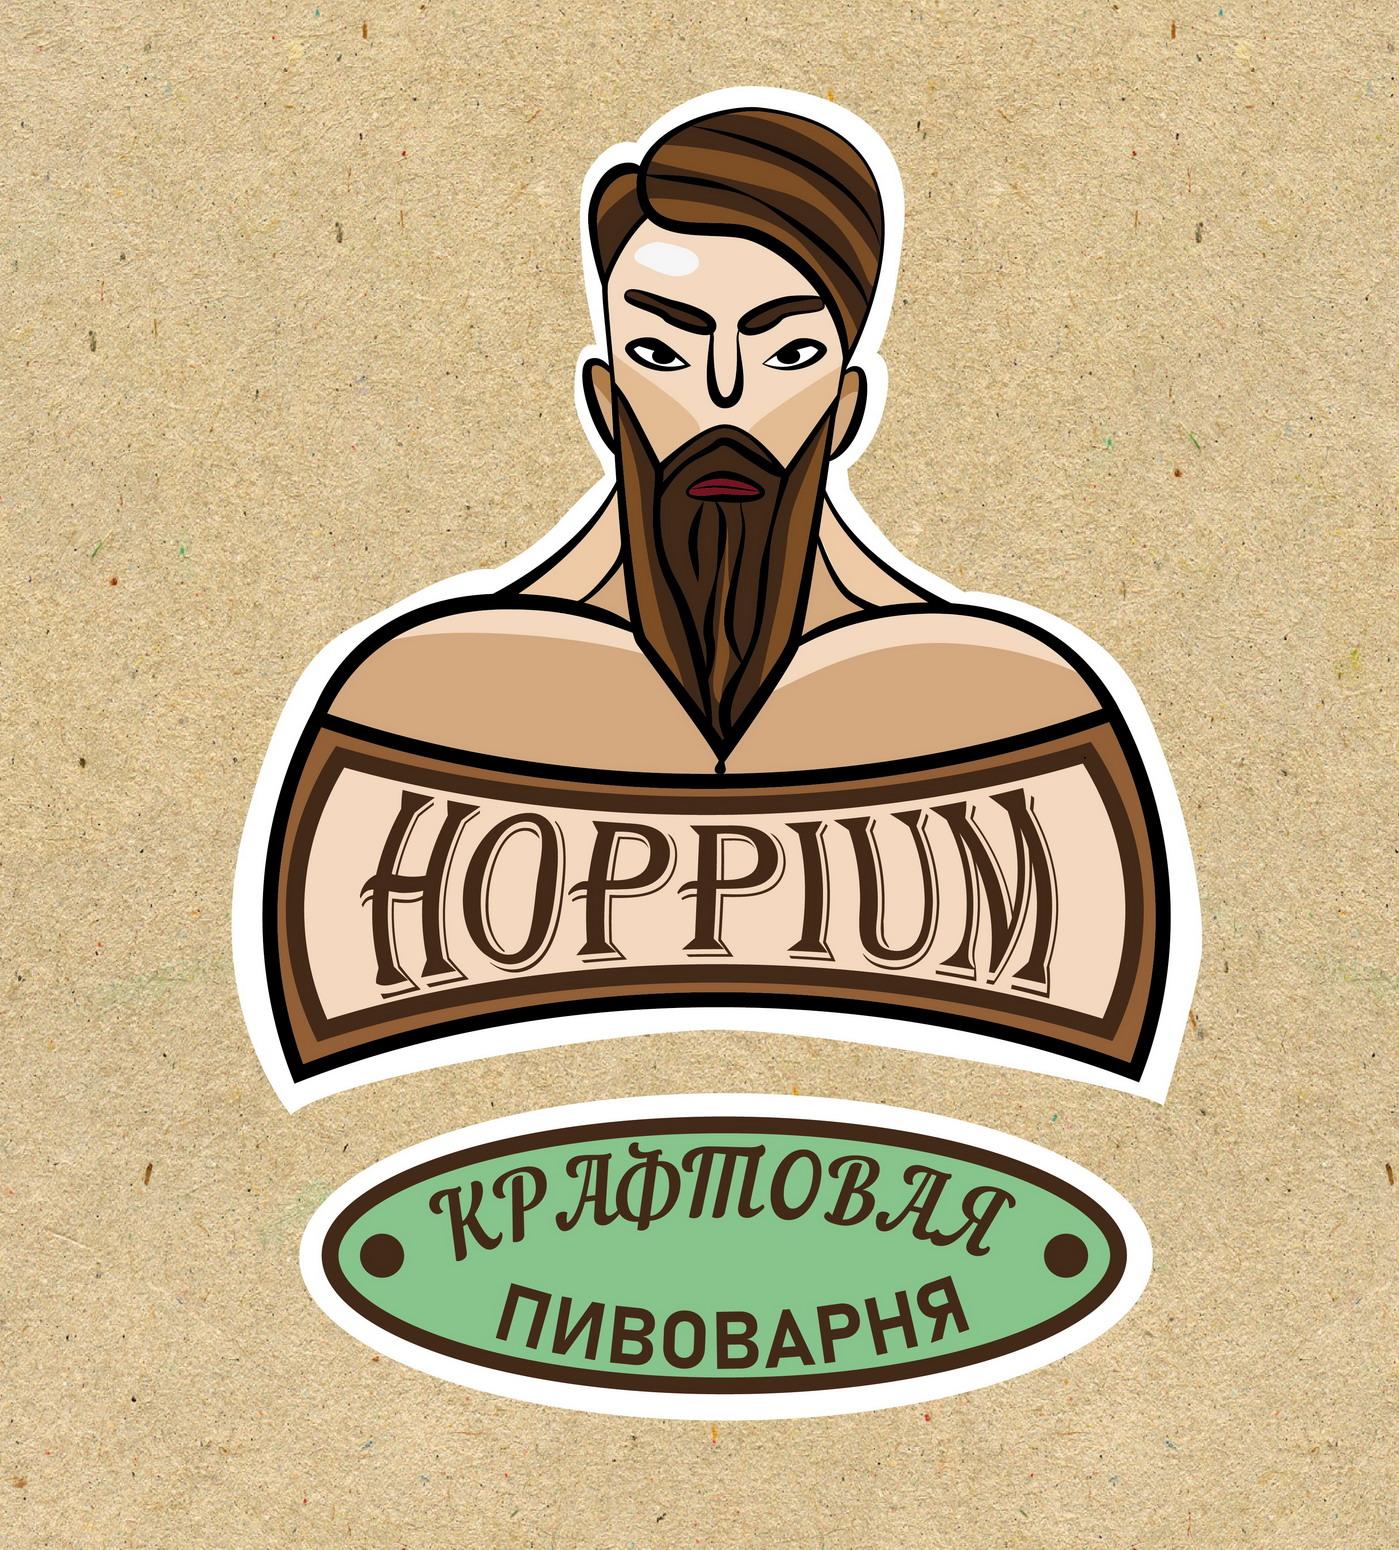 Логотип + Ценники для подмосковной крафтовой пивоварни фото f_4905dc03678da6f0.jpg